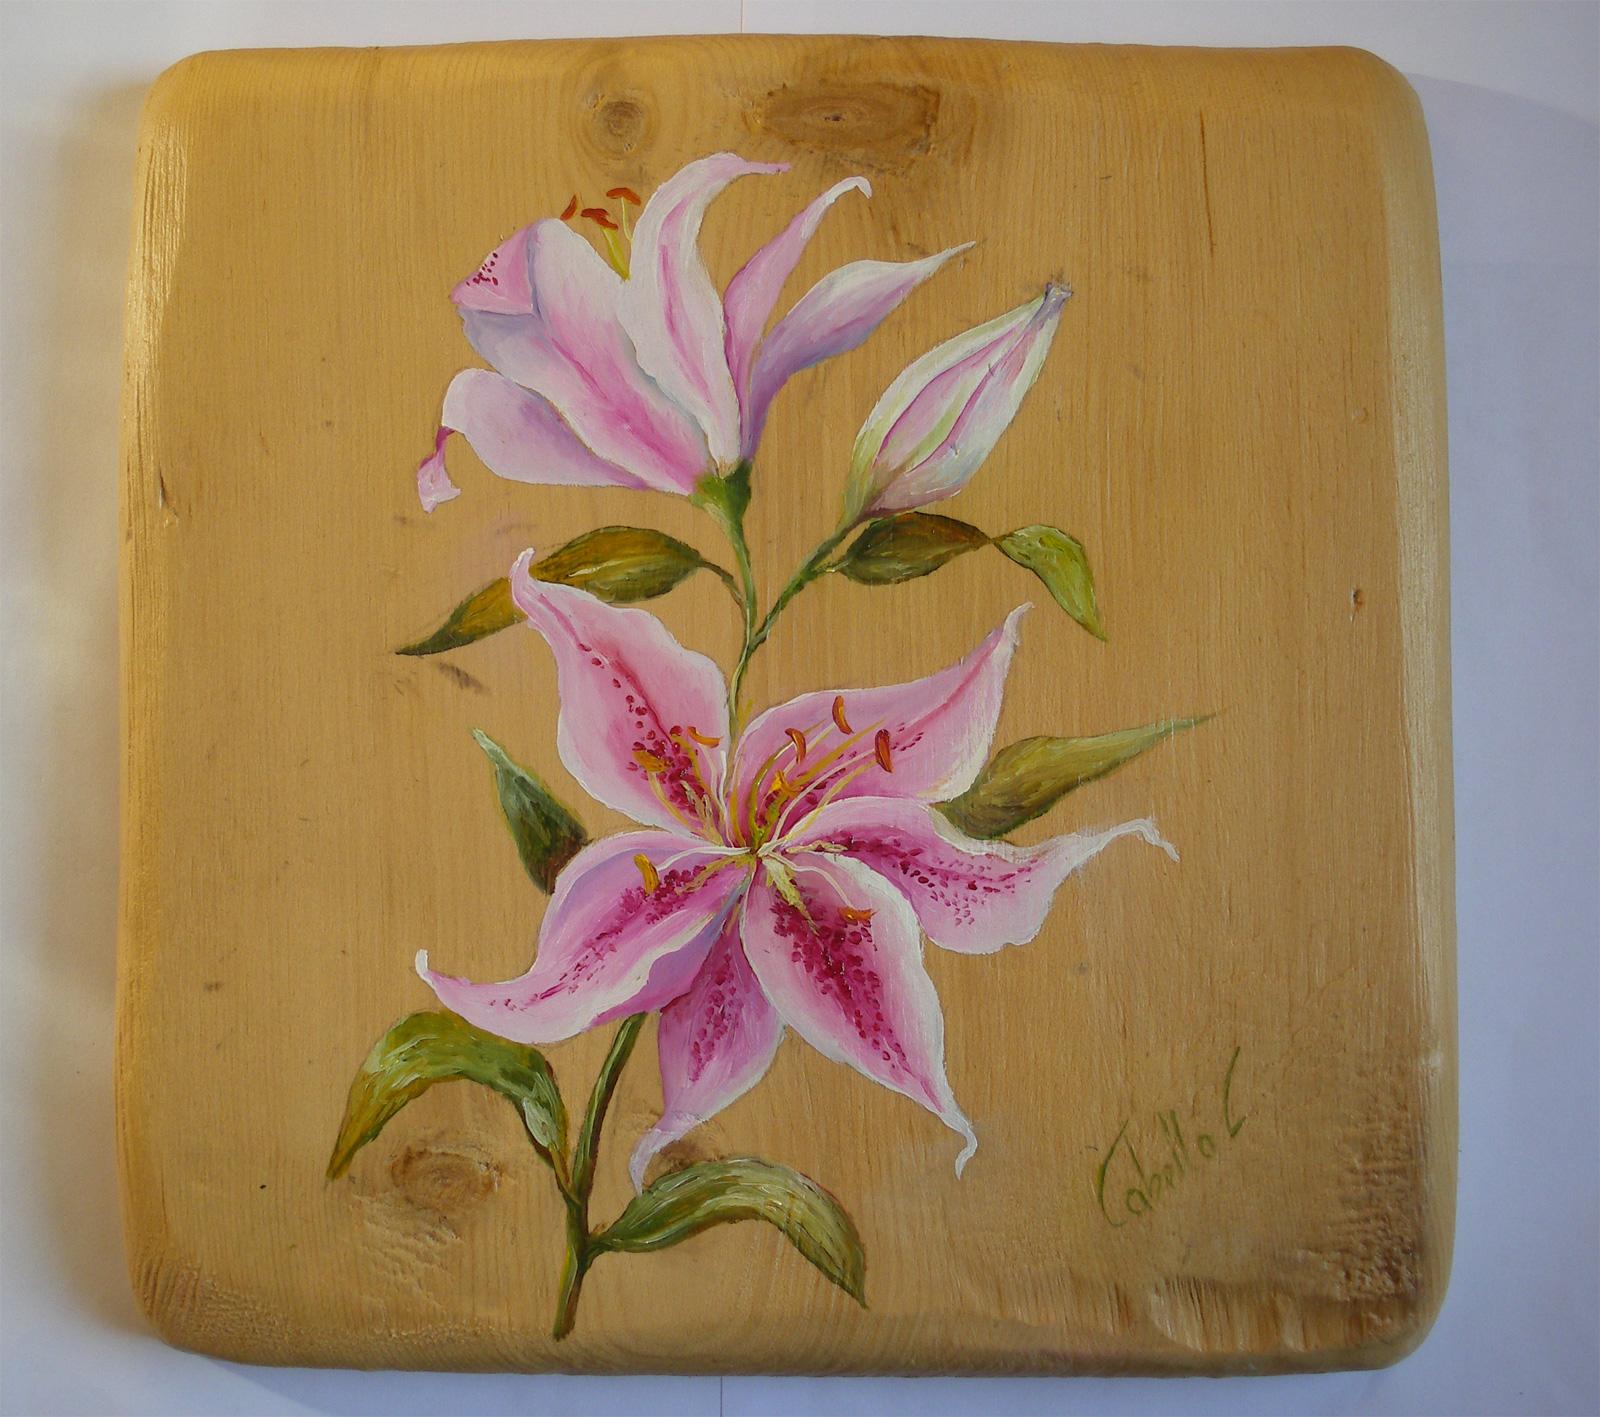 Dipingere fiori su legno yh84 regardsdefemmes for Fiori di ciliegio dipinti